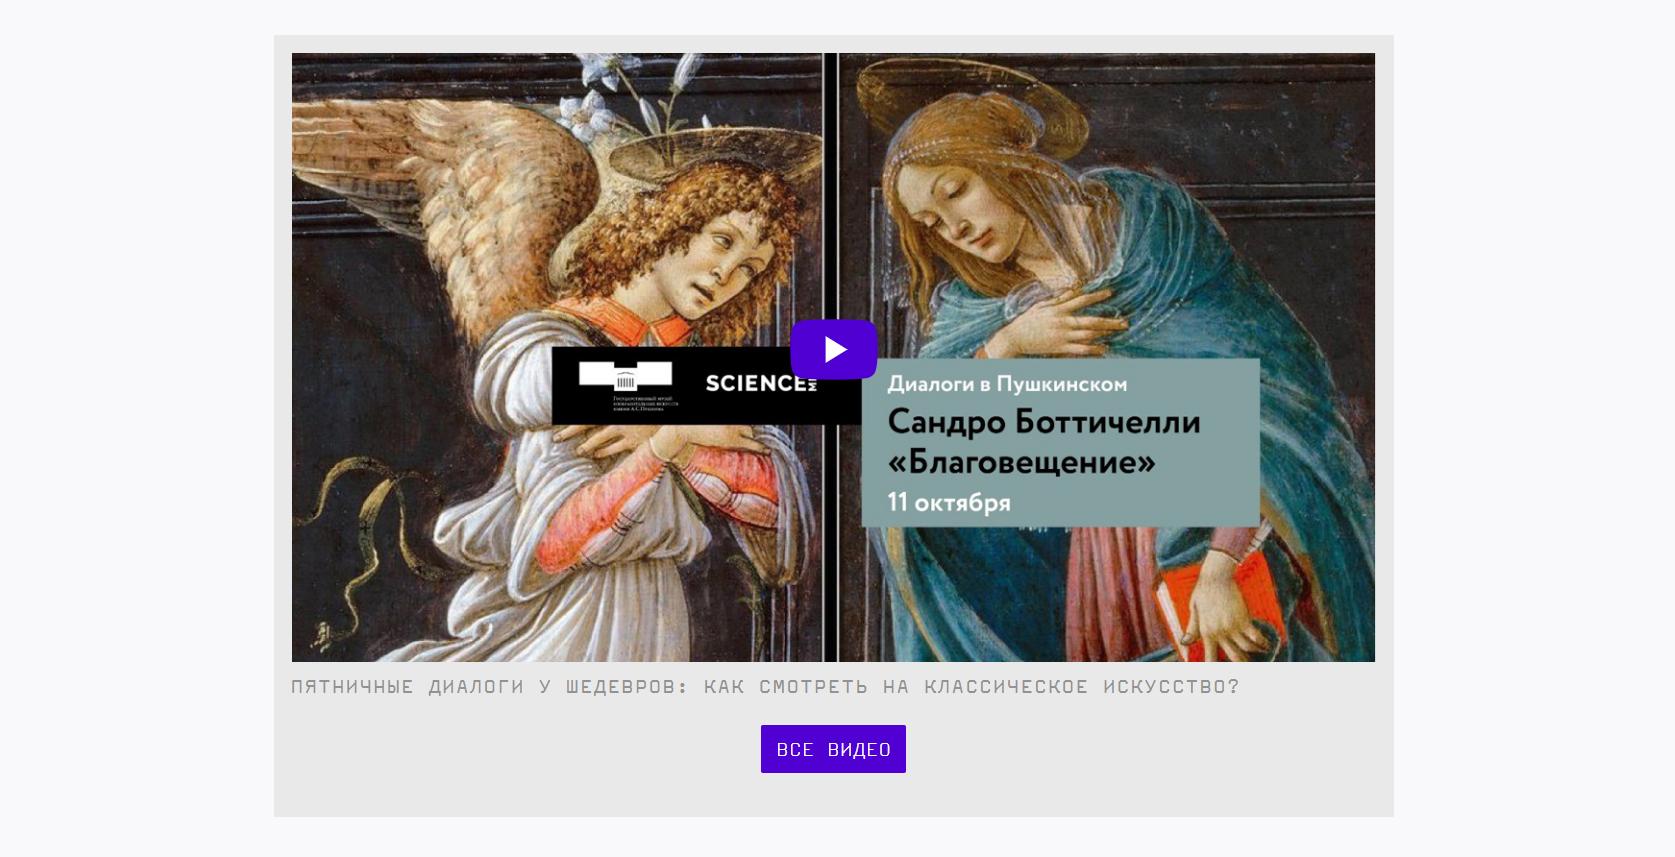 Искусство на карантине - это познавательные лекции о мировой культуре от Государственного музея имени Пушкина